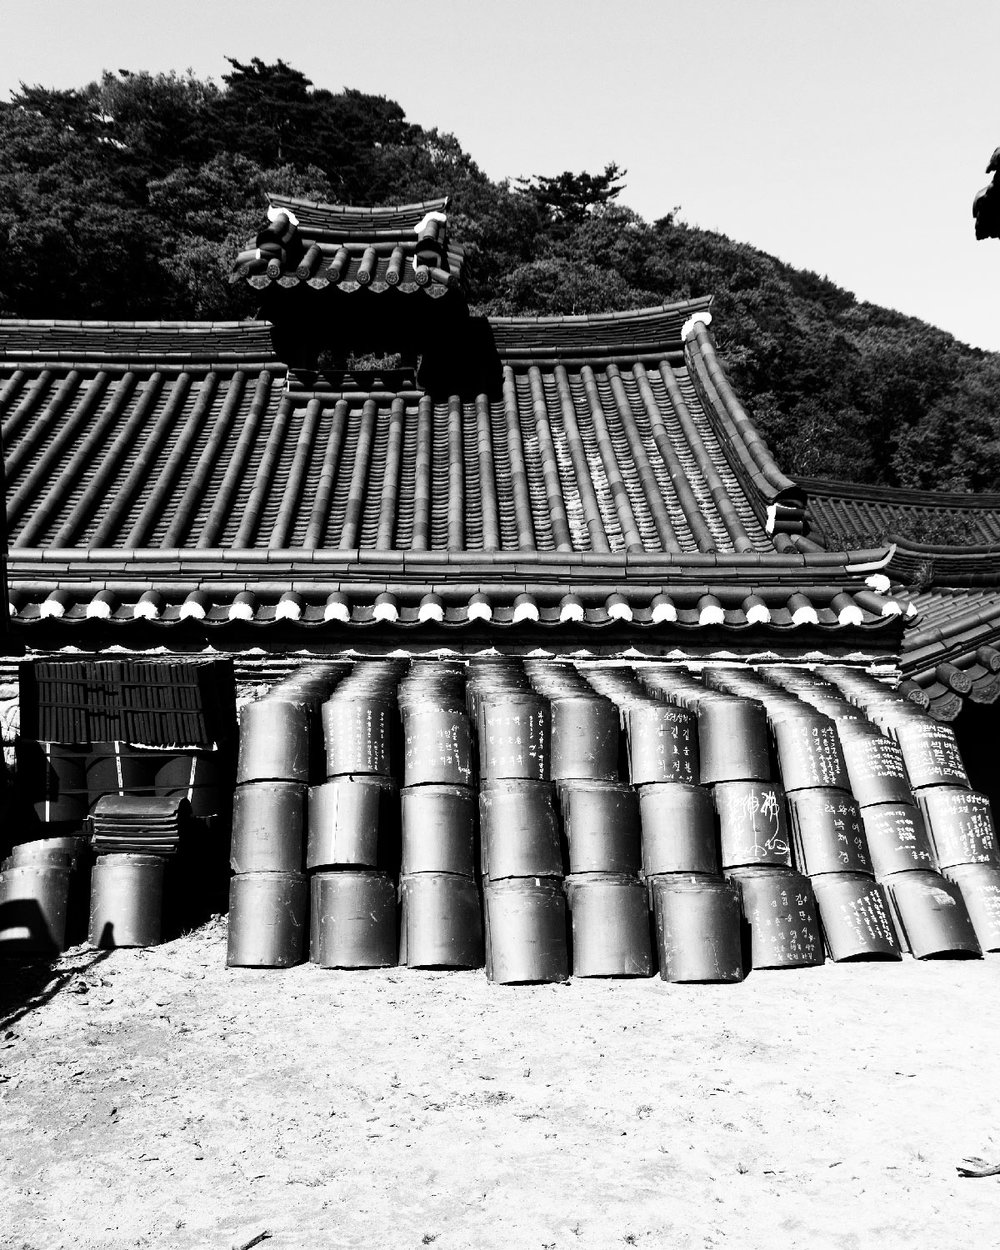 Residence for monks, Songgwangsa temple / 송광사 하사당 / 松廣寺 下舍堂